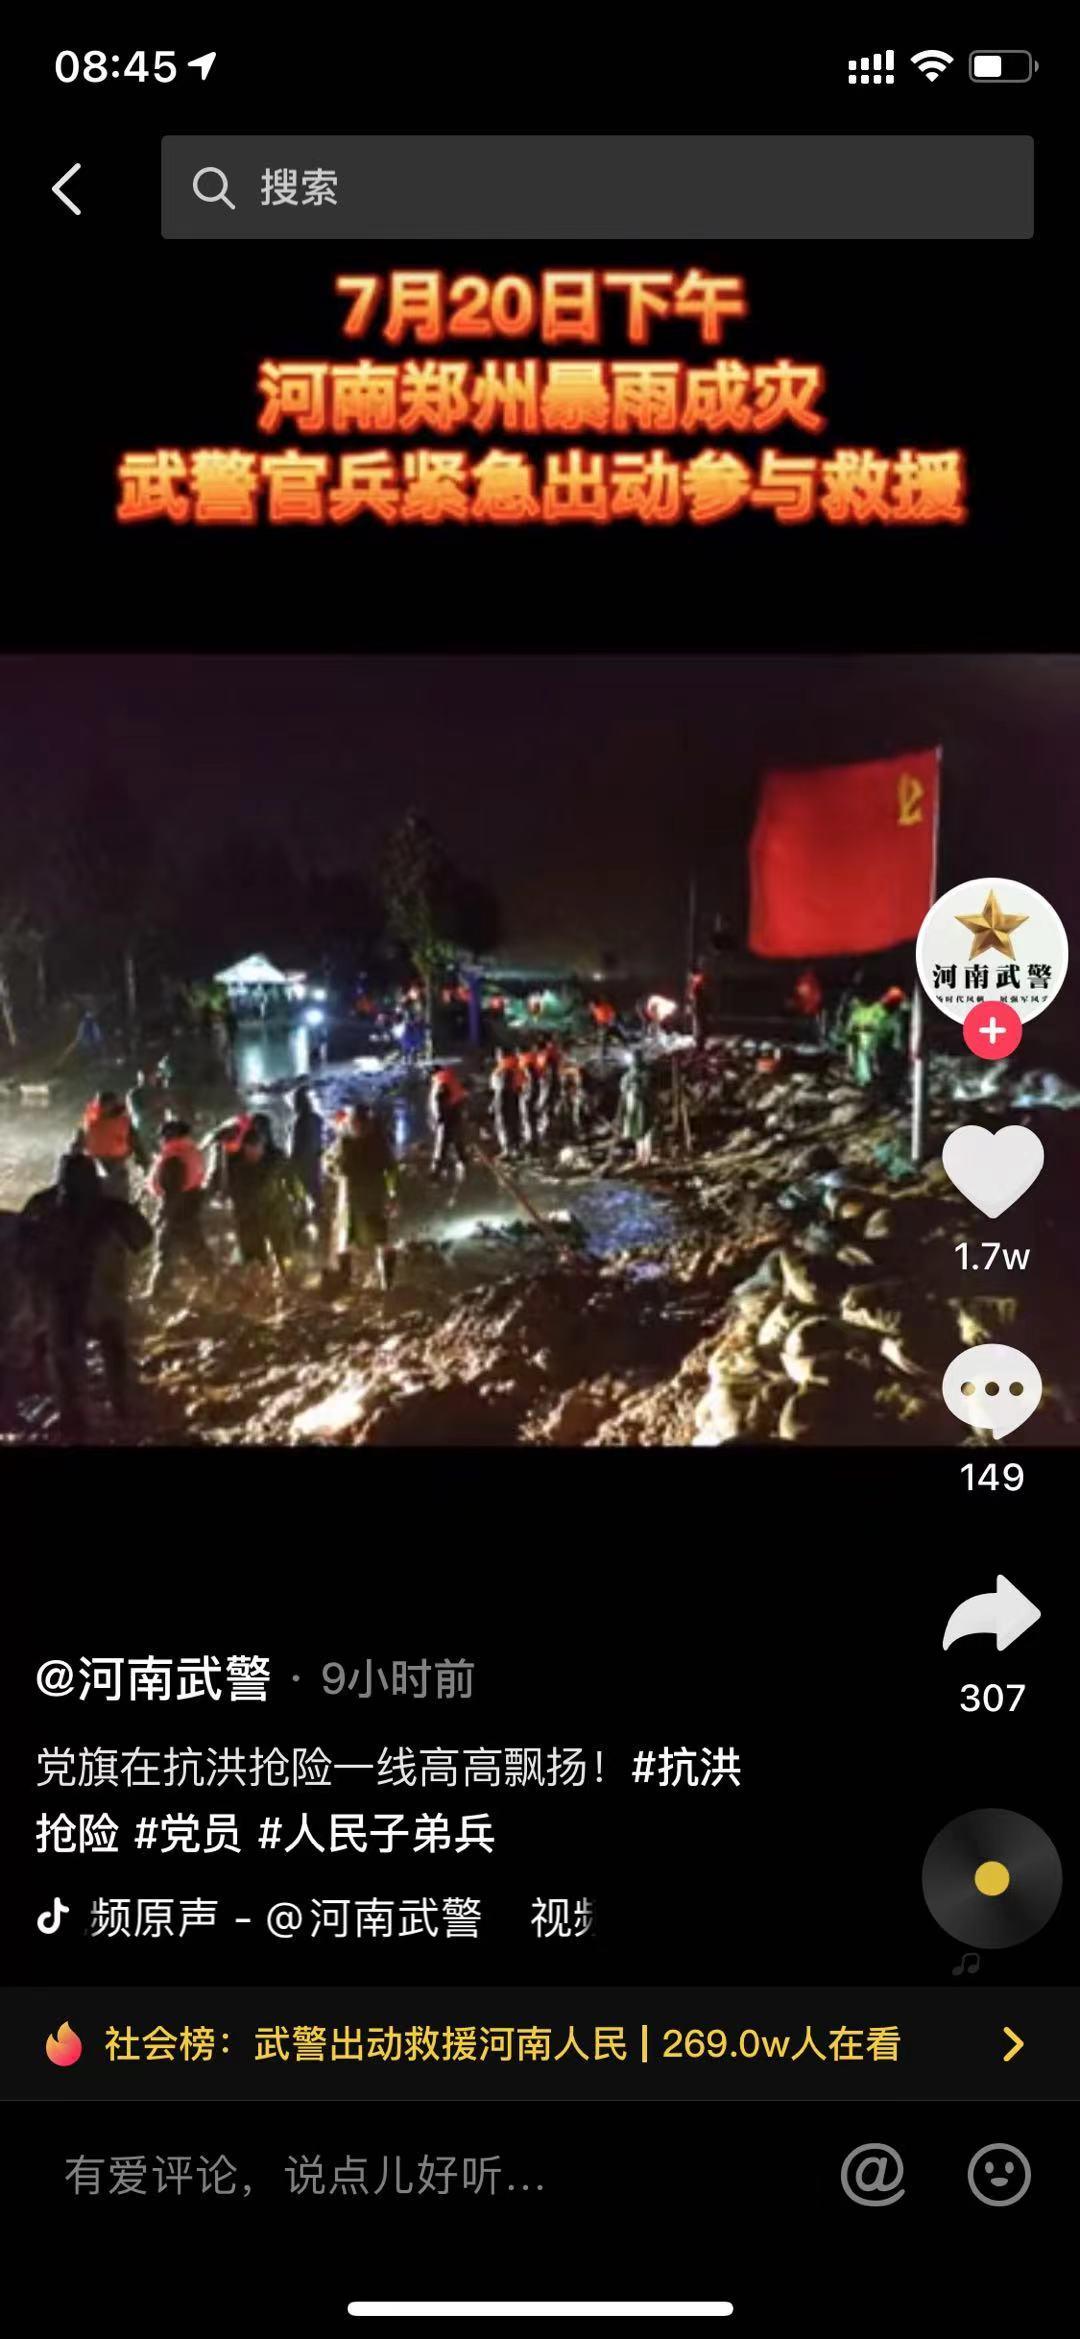 多国网友惊讶目睹河南暴雨:祈祷!拜托所有的人安然